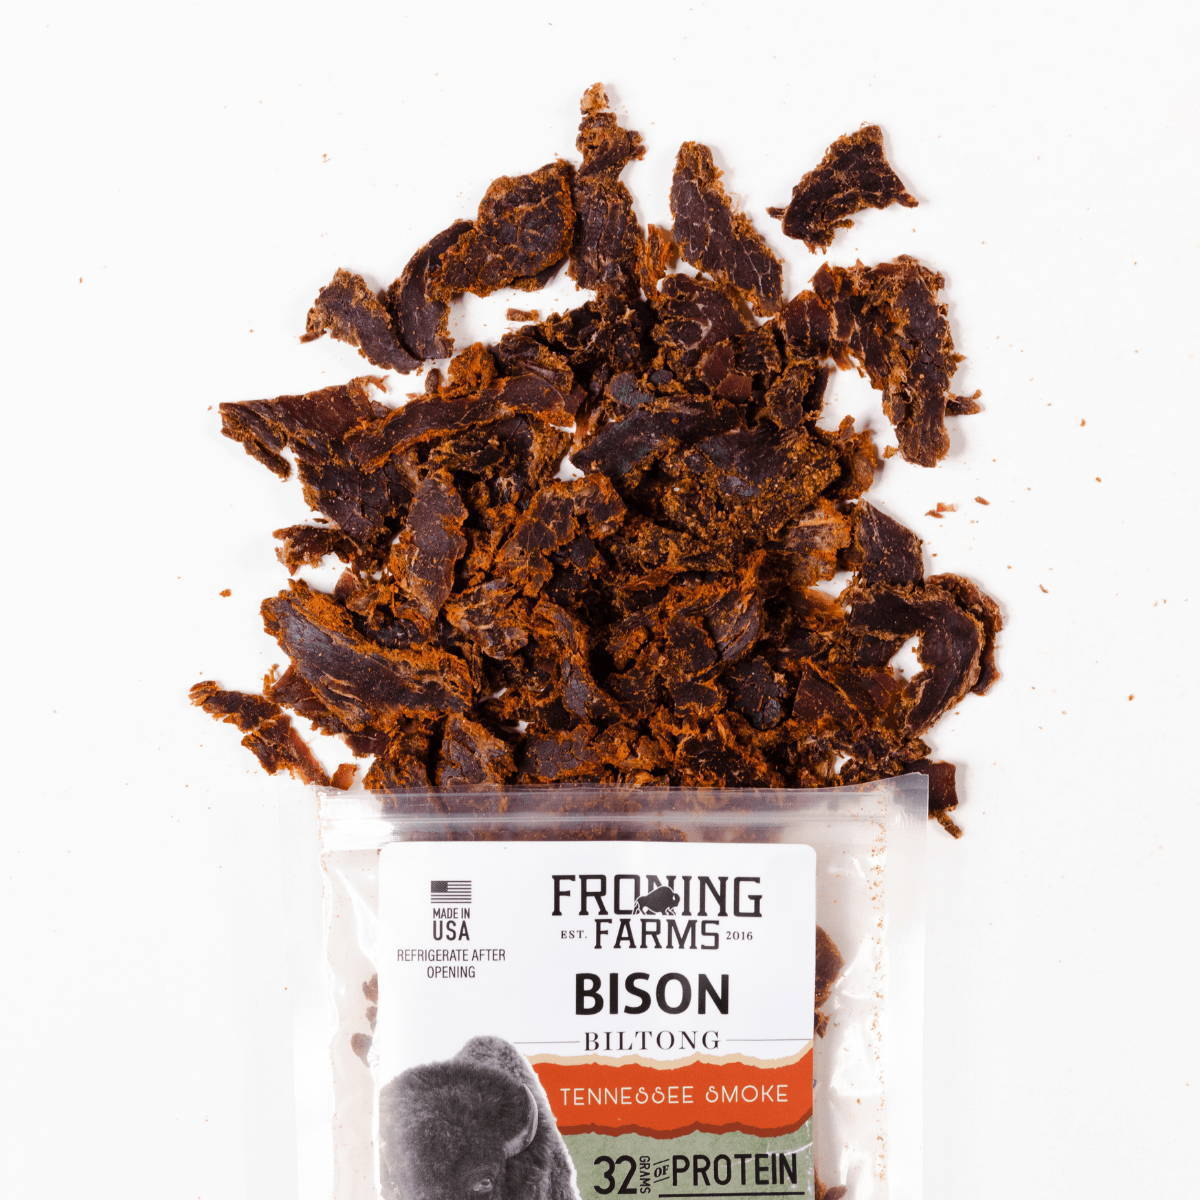 bison biltong tennesse smoke froning farms